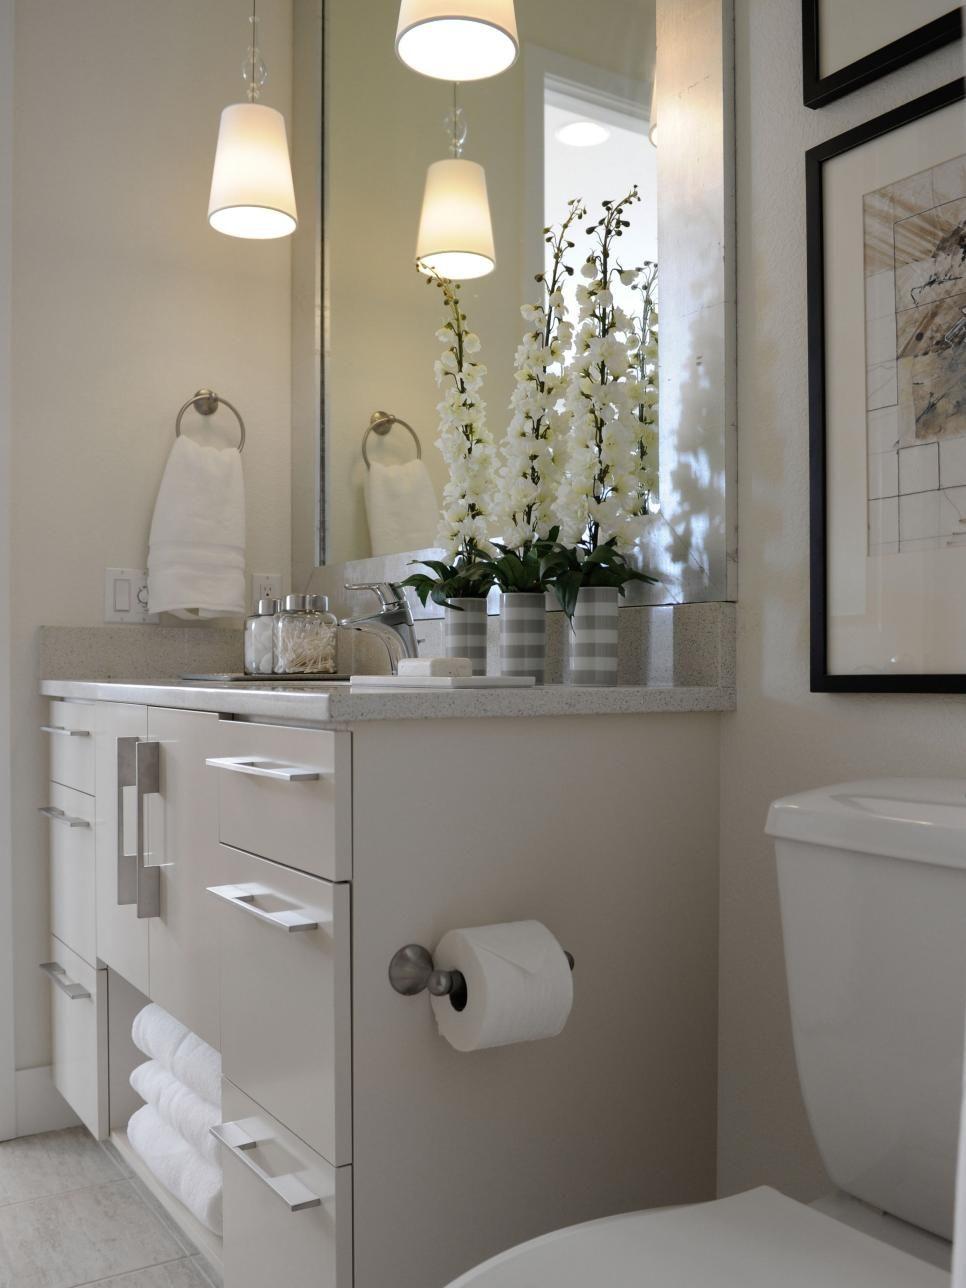 Clever Ideas For Small Baths Half Baths Hand Towels And Cupboard - Guest hand towels for small bathroom ideas